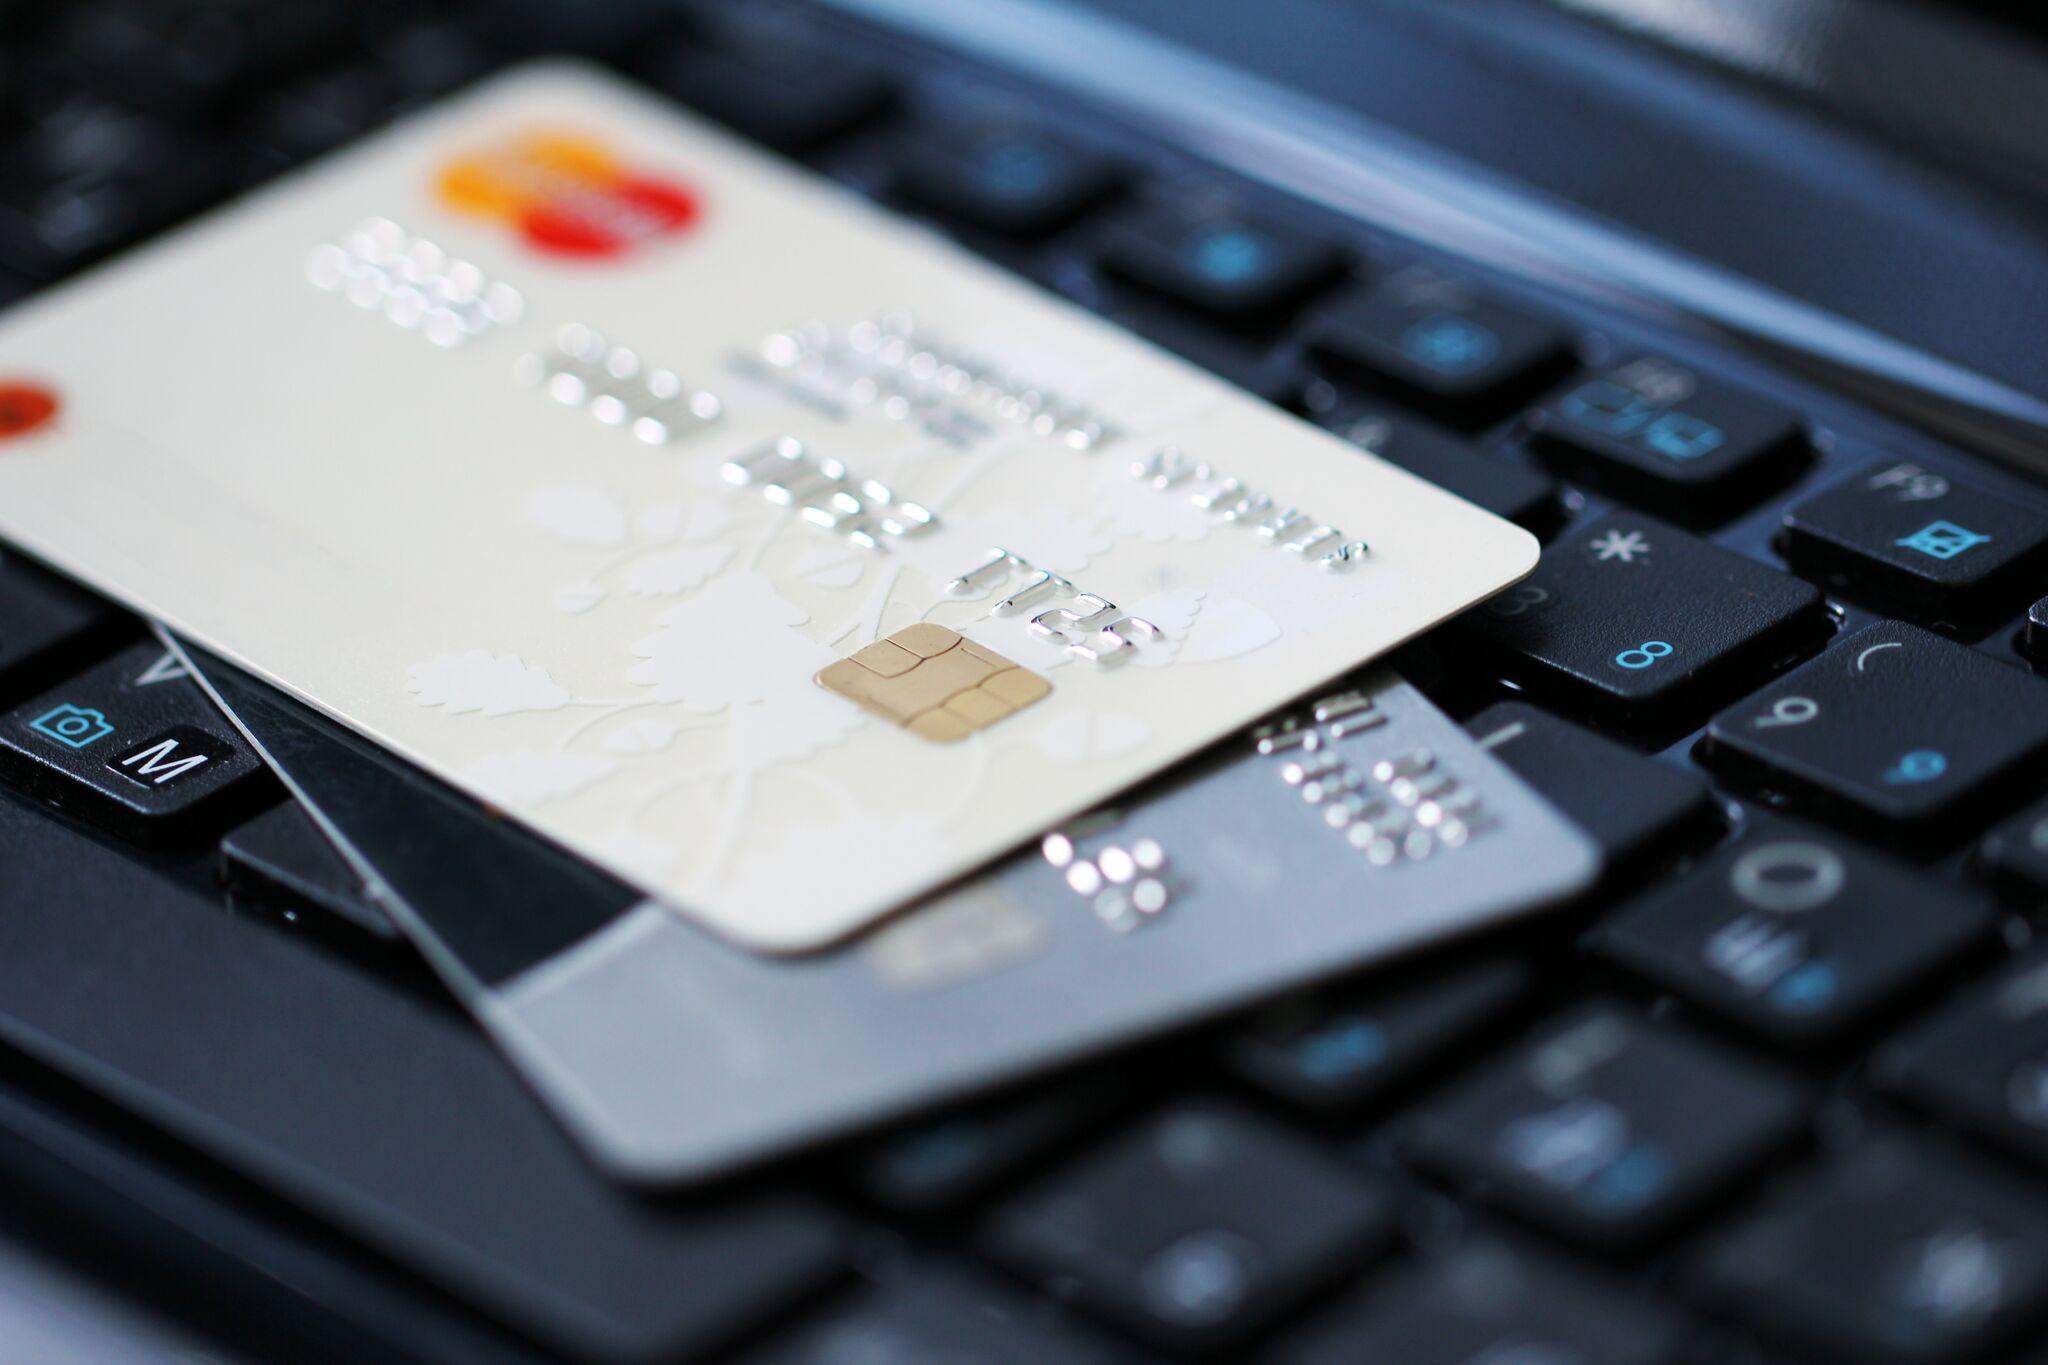 e850574d361 Интернет-магазины в России обяжут принимать банковские карты